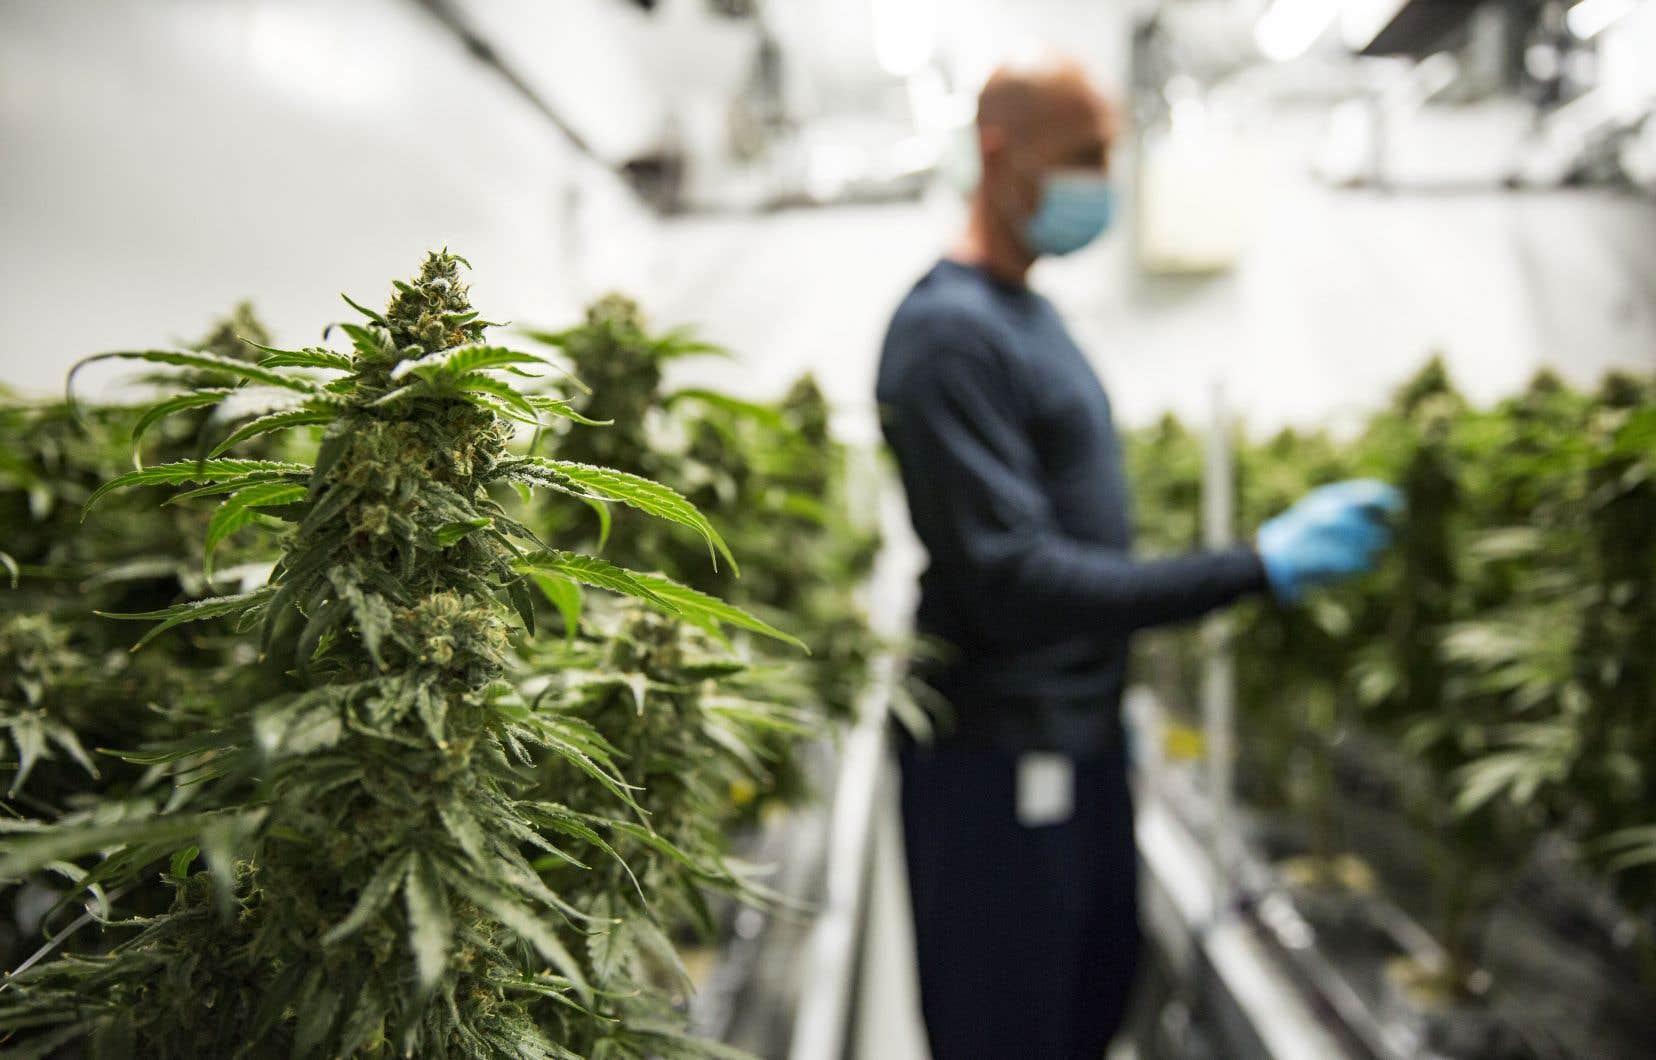 La legalización del cannabis impacta en la reducción de la delincuencia más de lo que se cree, según estudio